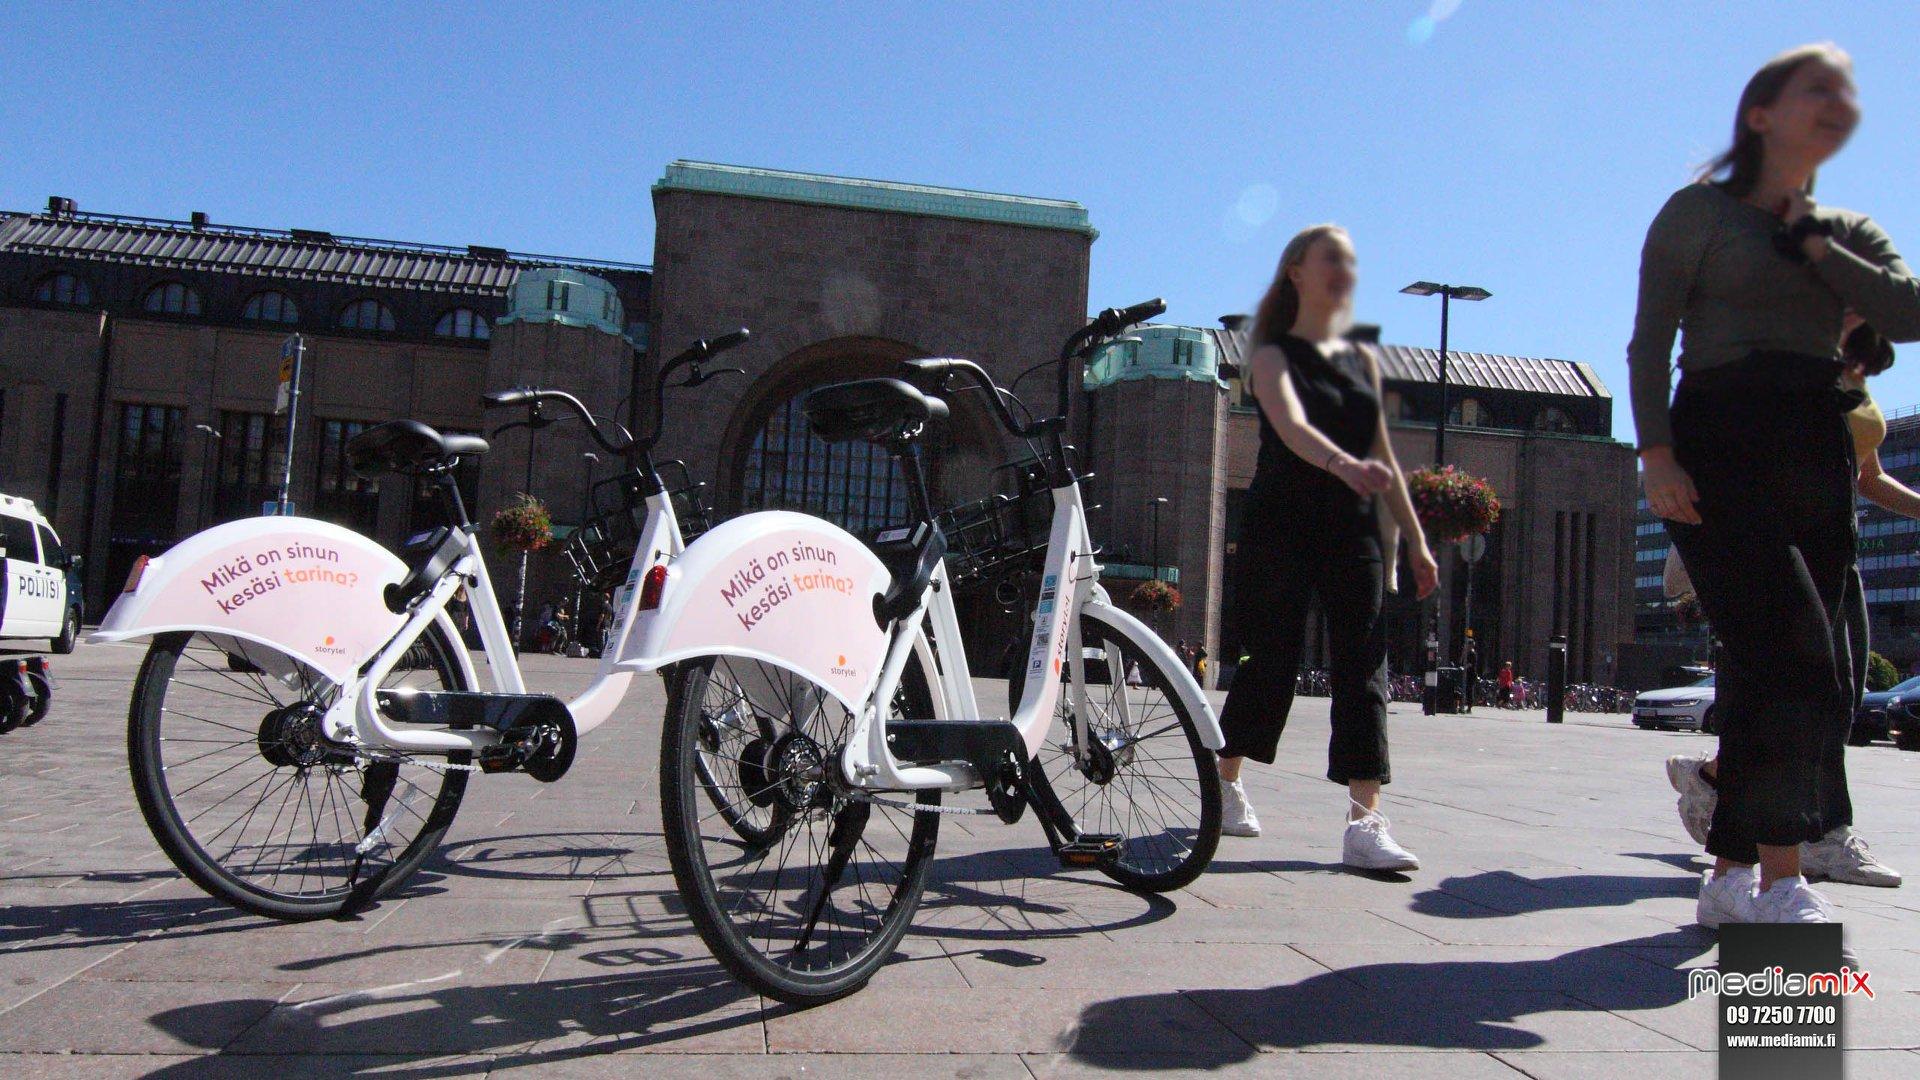 Mediamix Jurobike kaupunkipyörä Helsinki